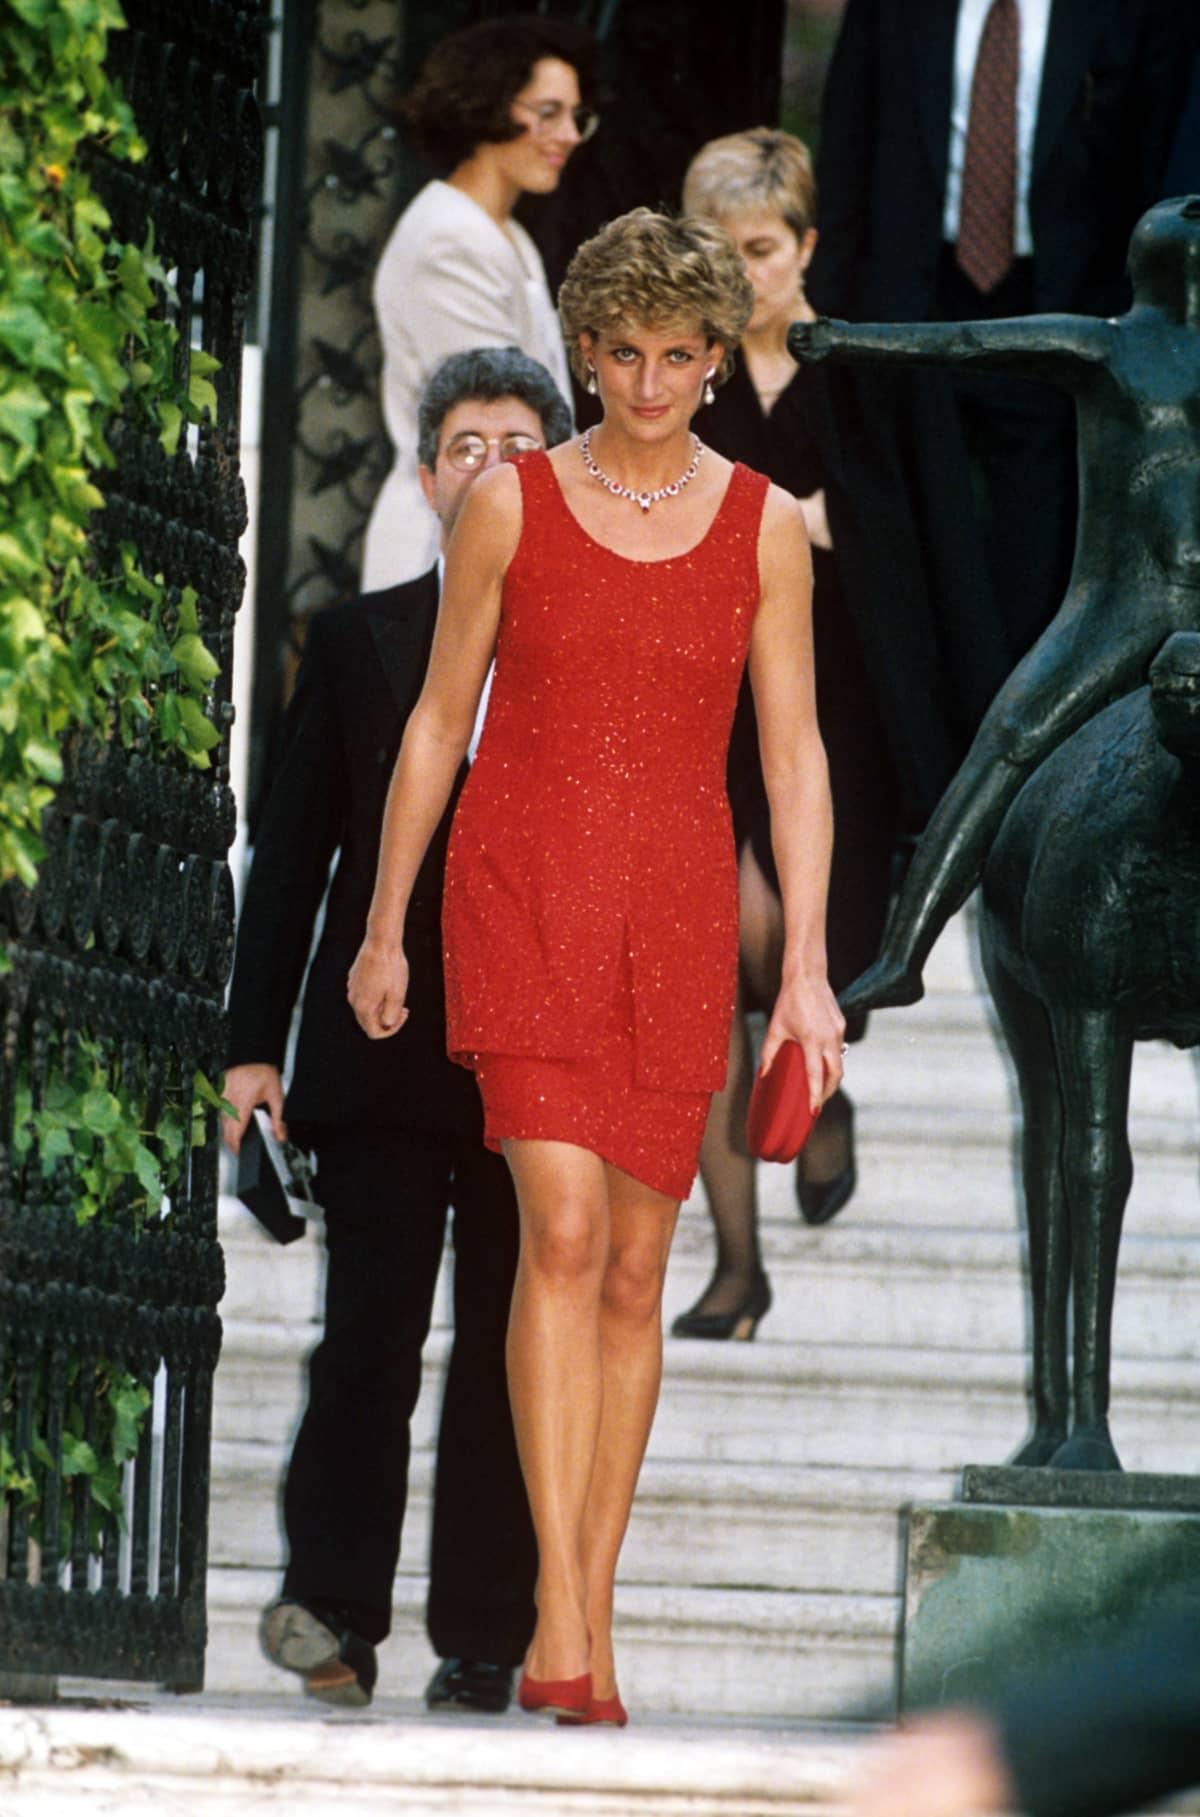 Diana lyhyessä punaisessa mekossa.